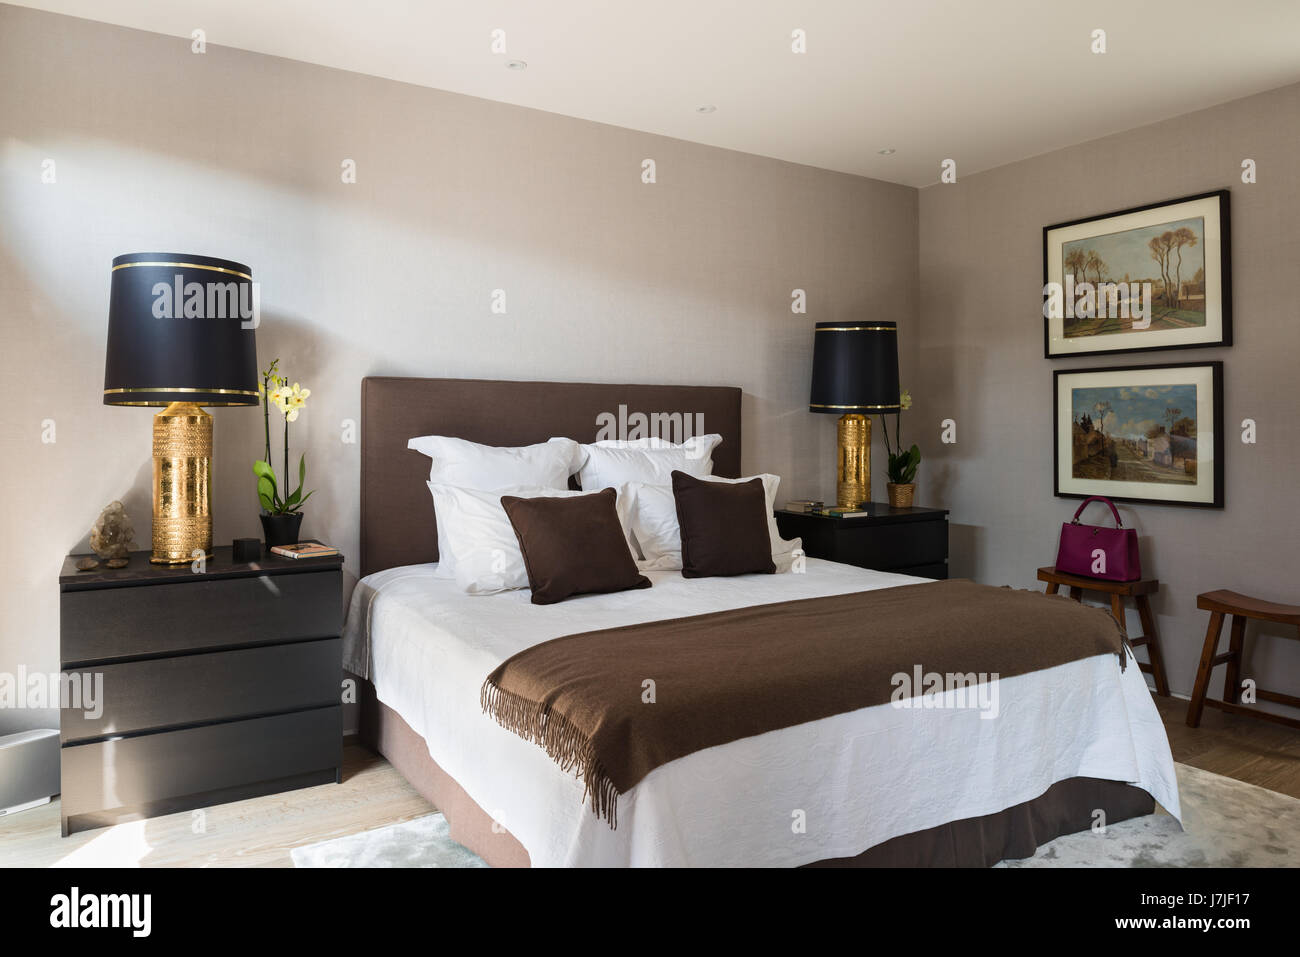 Malm Truhe von Ikea in Schlafzimmer mit paar vergoldete Lampen ...